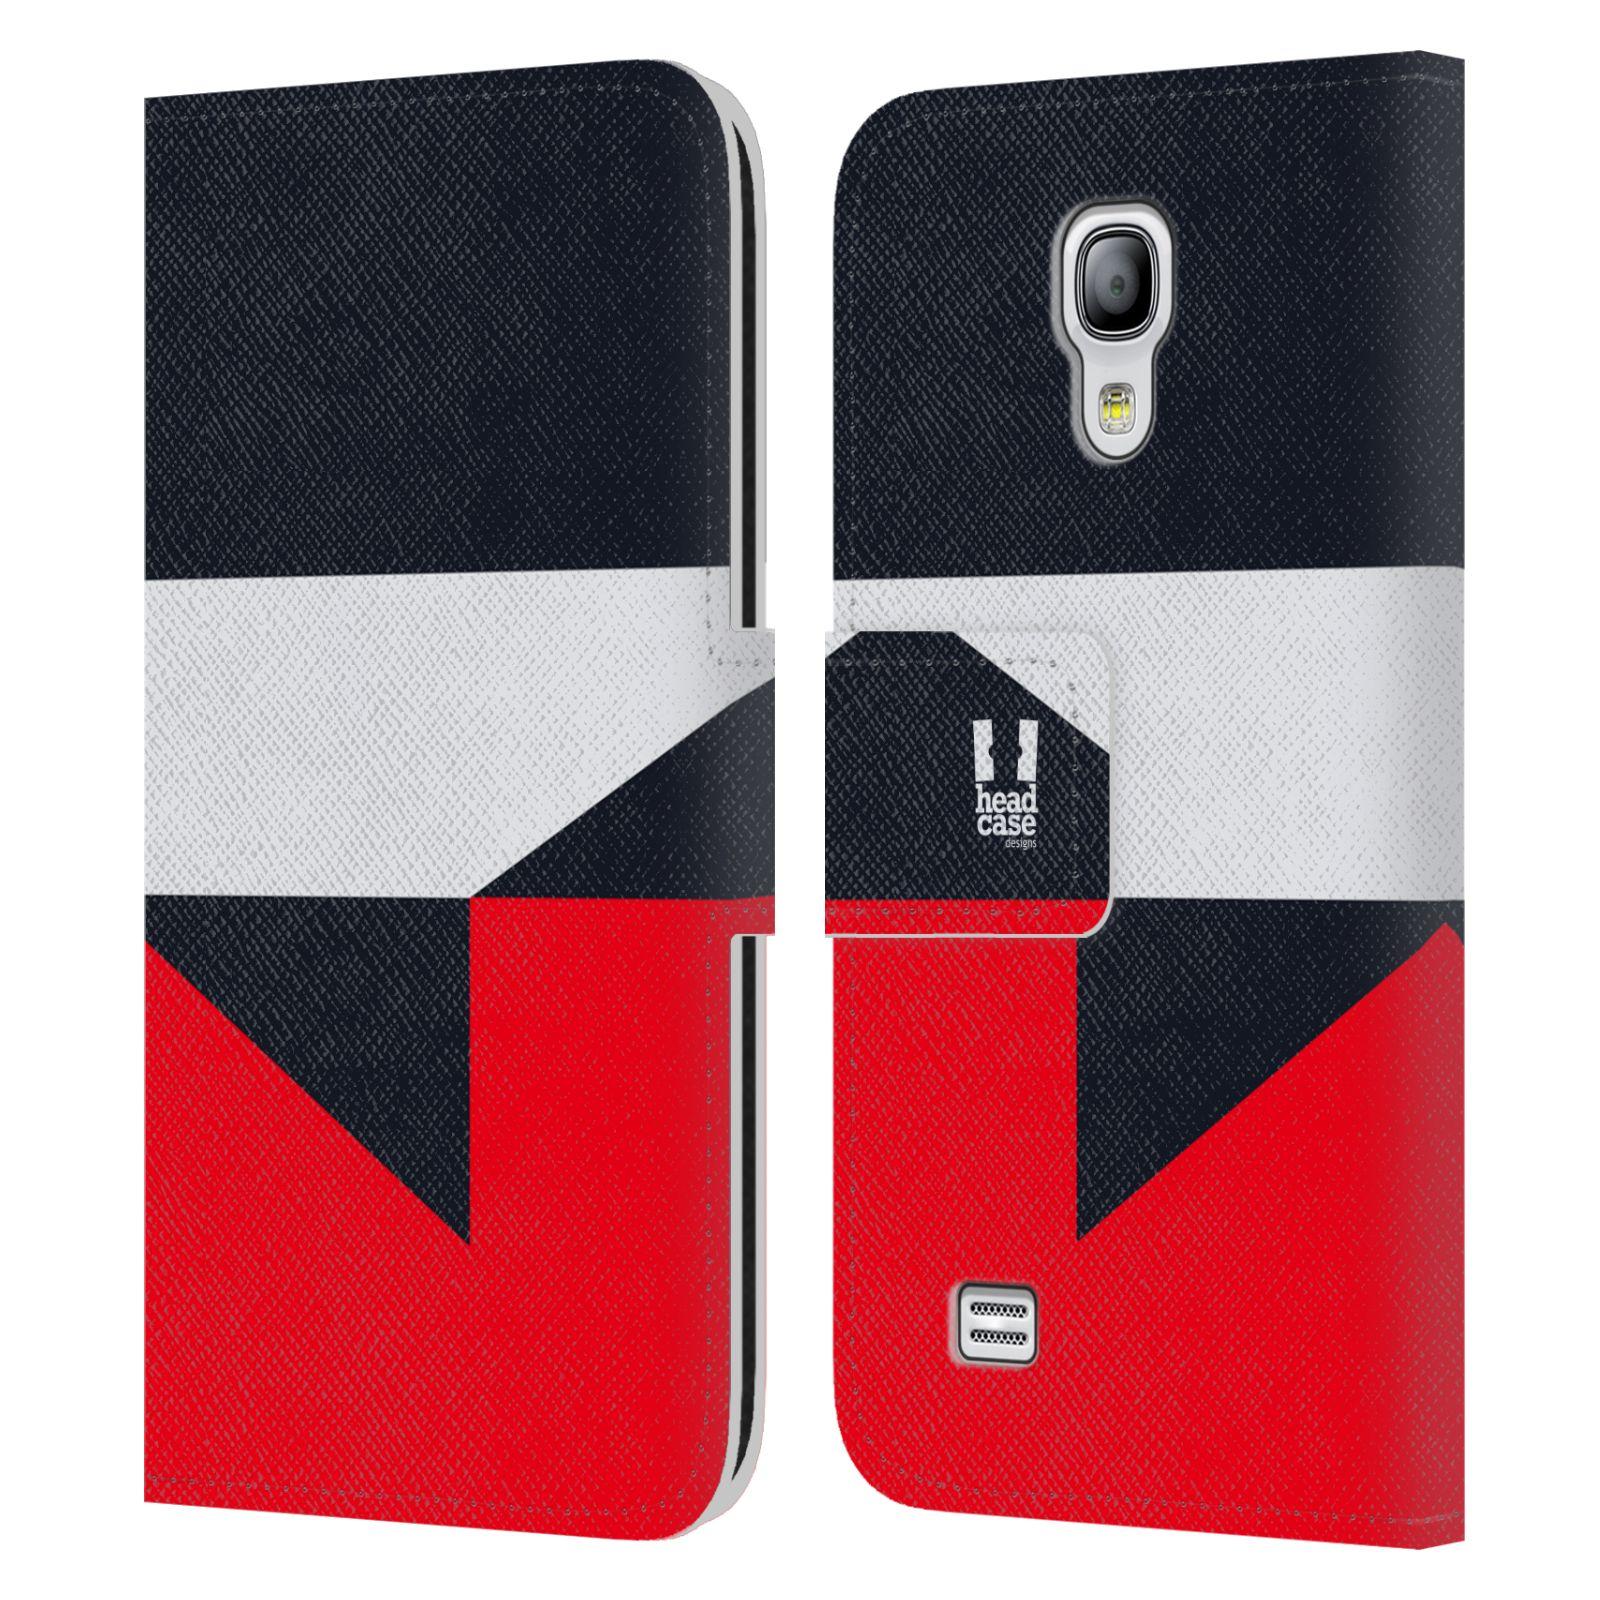 HEAD CASE Flipové pouzdro pro mobil Samsung Galaxy S4 MINI barevné tvary černá a červená gejša